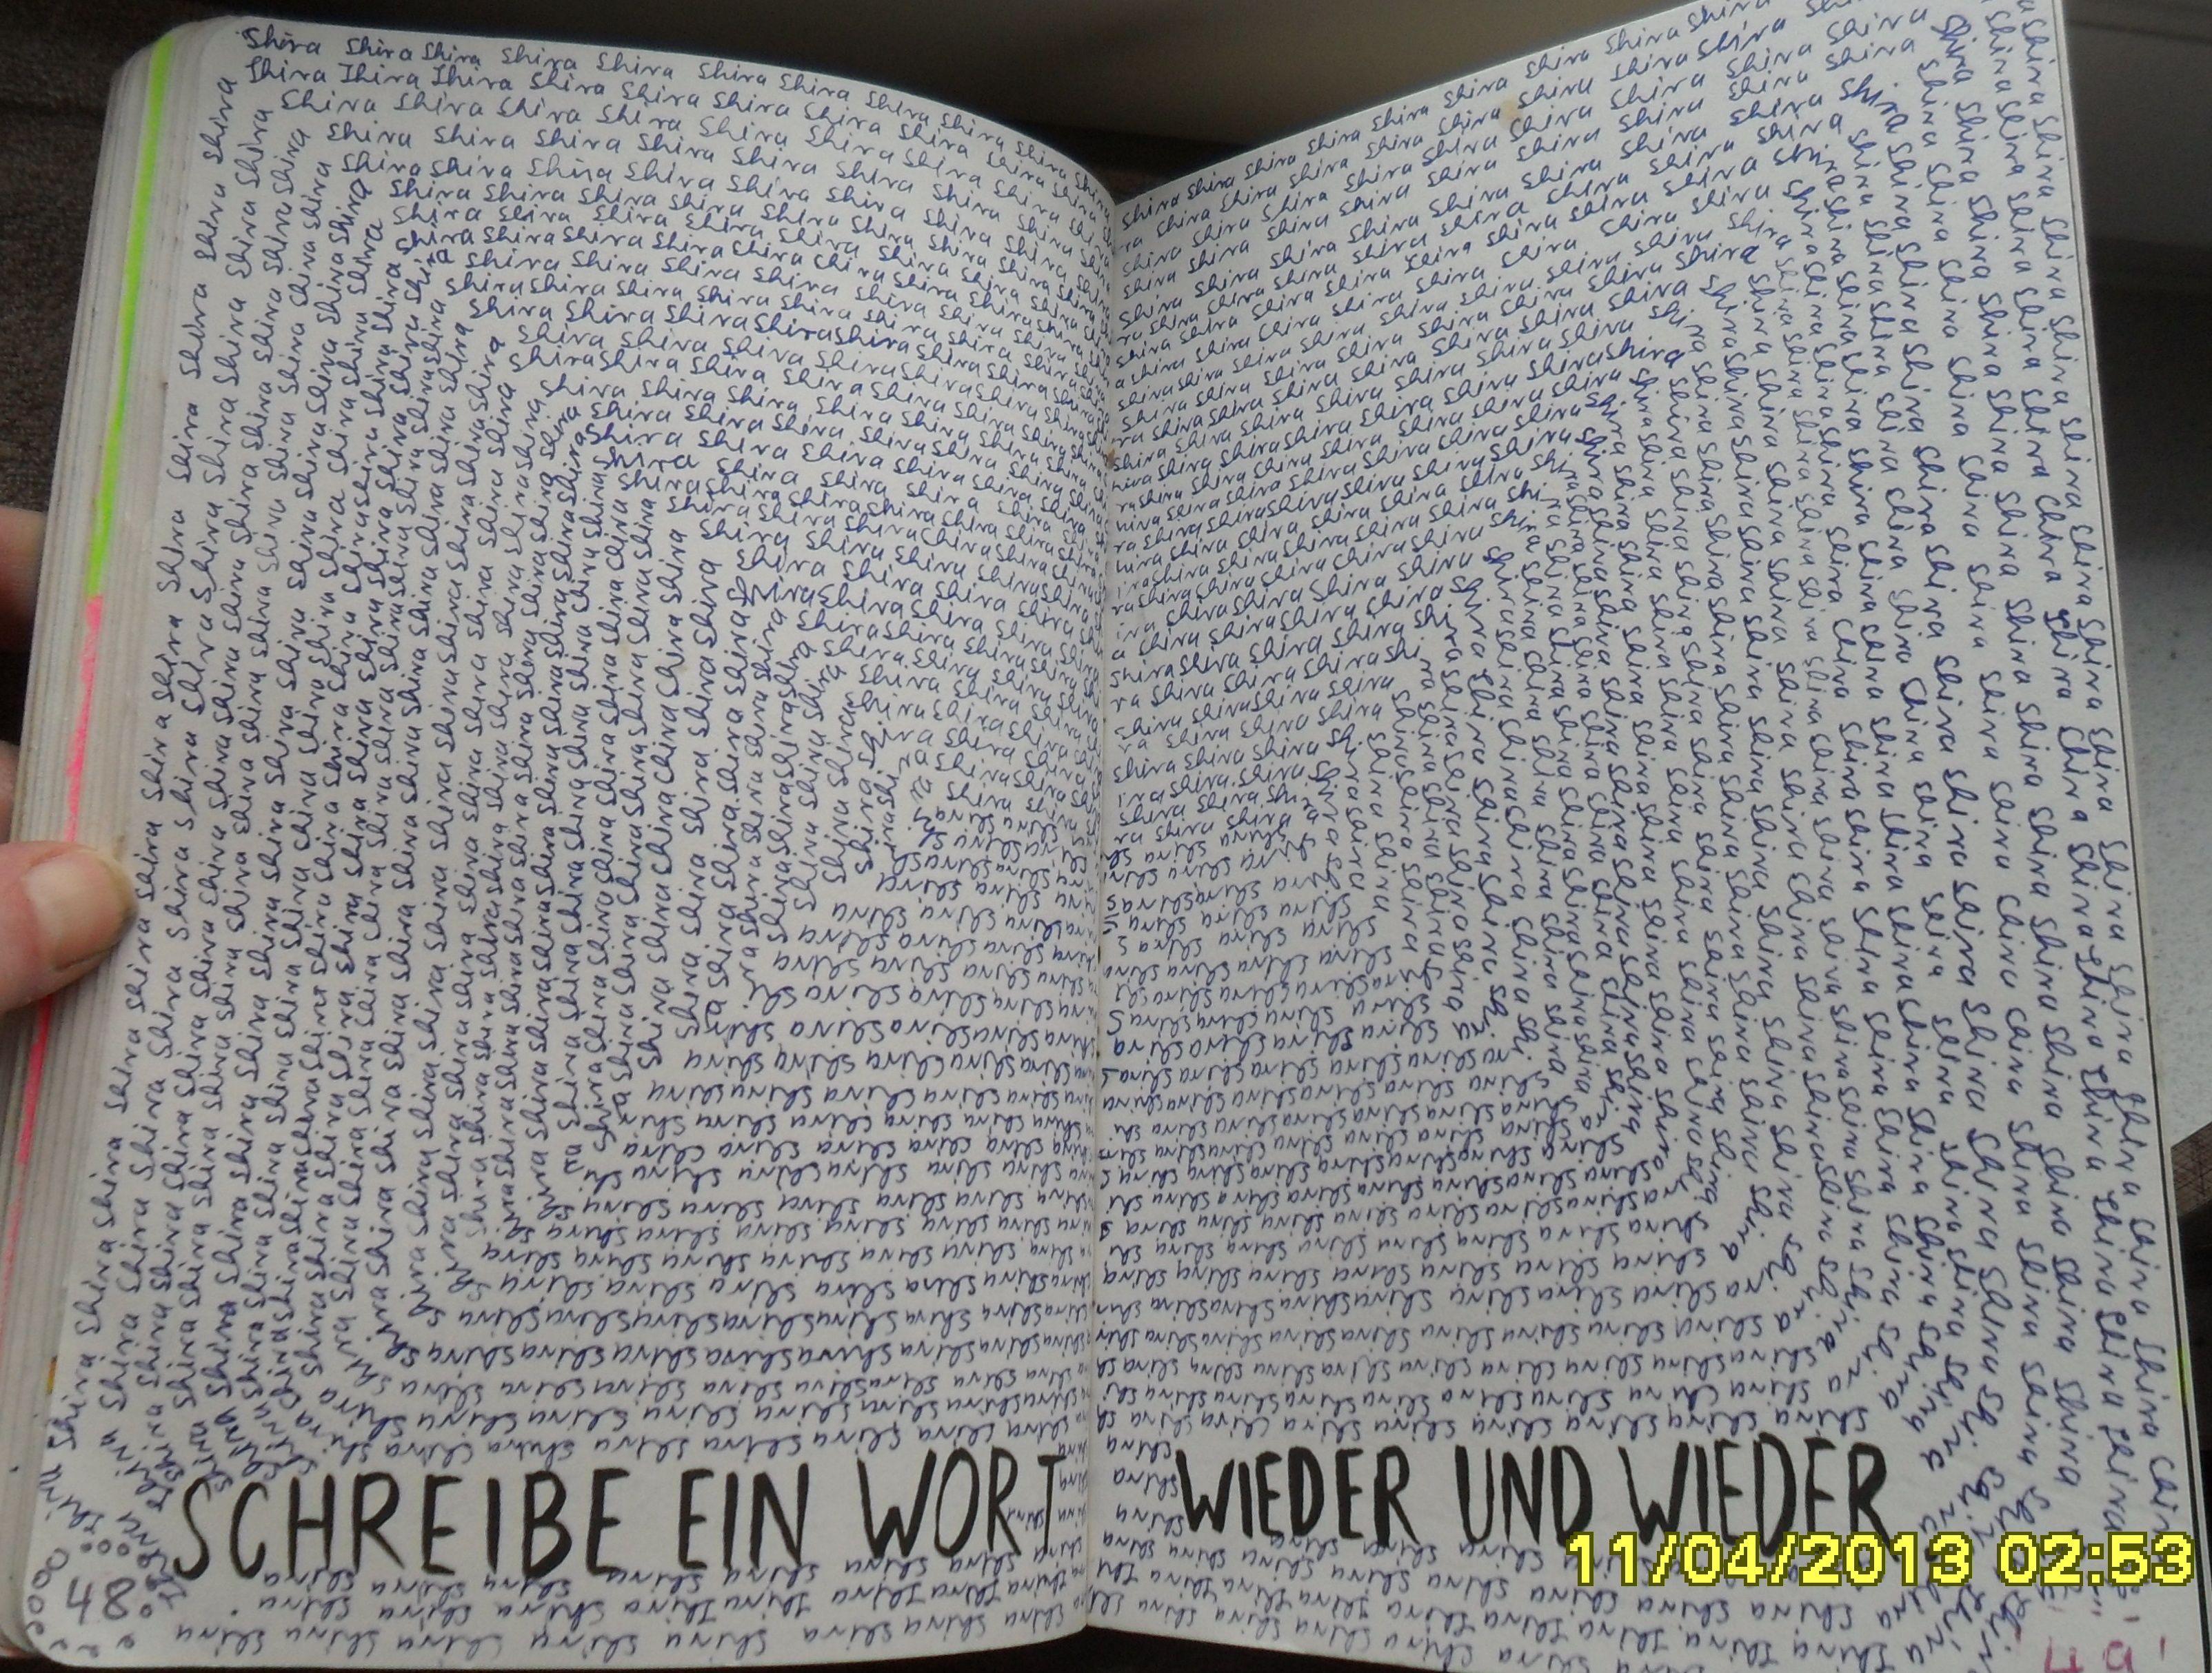 Tolle Wort Vorlage Für Buch Ideen - Beispiel Business Lebenslauf ...